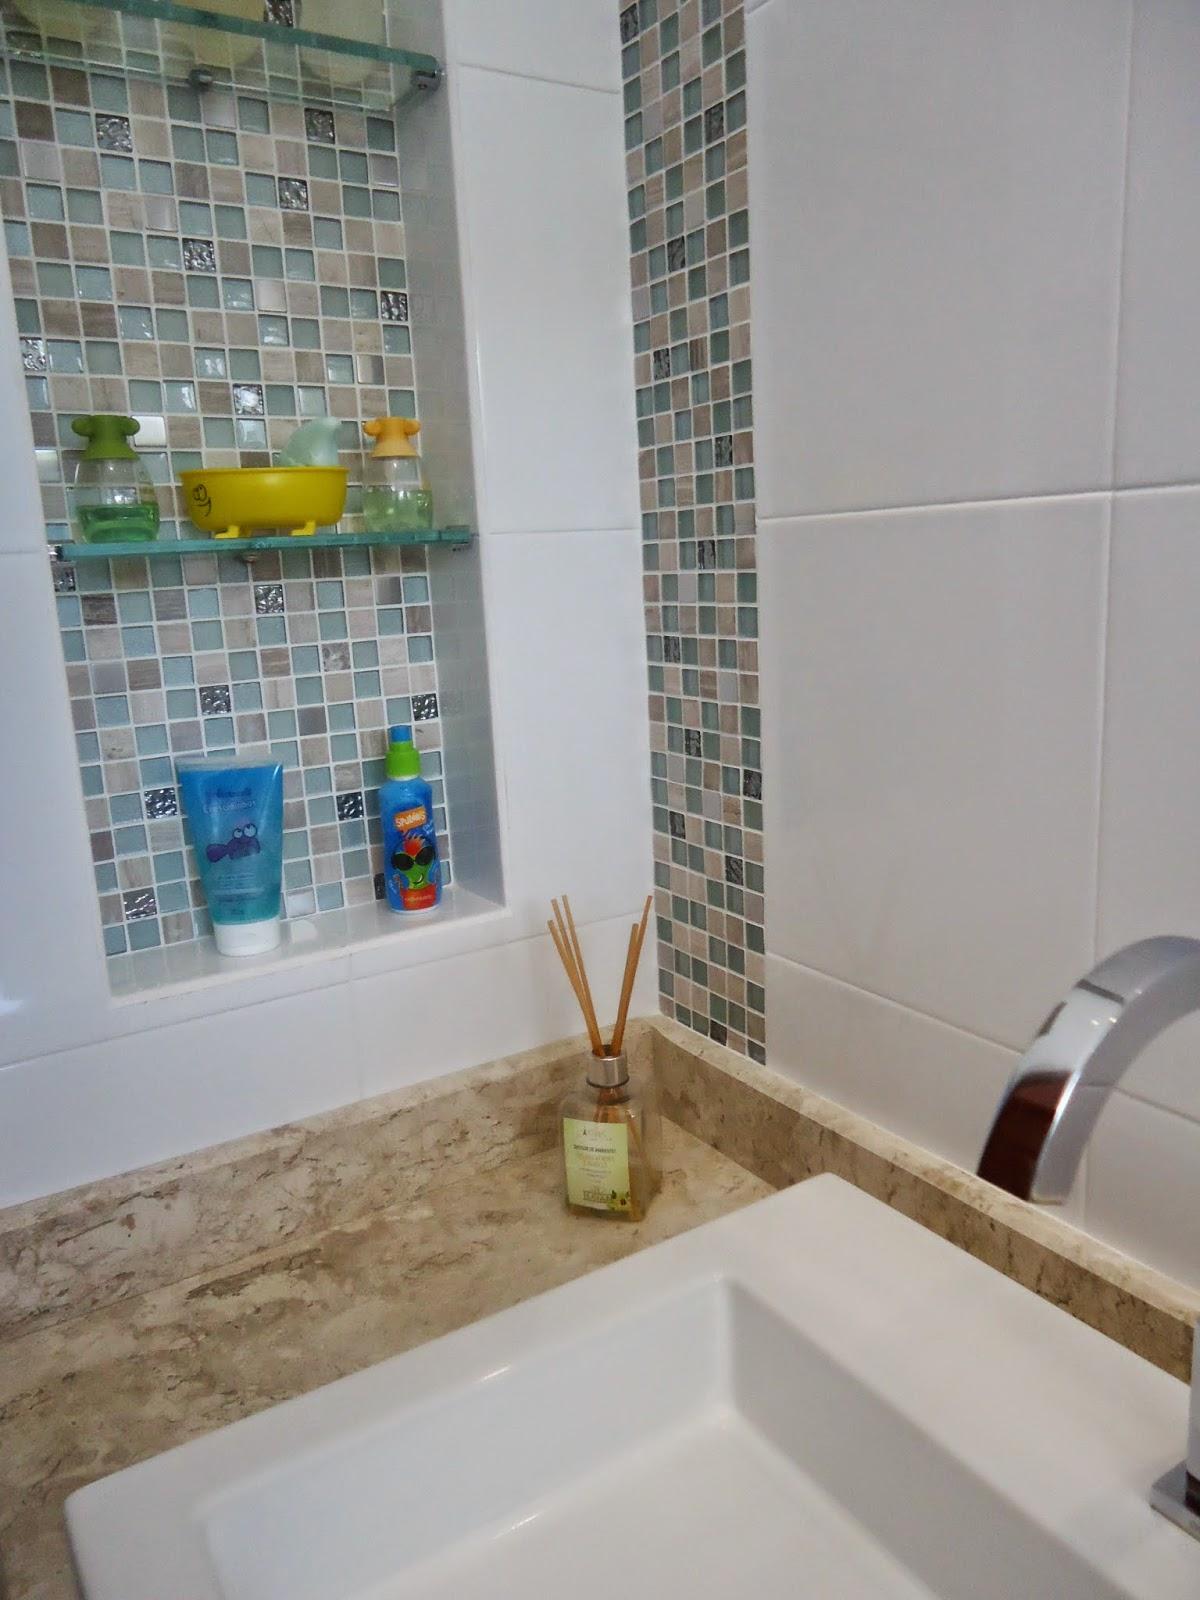 Arquiteta Bianca Monteiro Nichos e pastilhas de vidro em banheiro infantil -> Decoracao Com Pastilhas De Vidro Em Banheiro